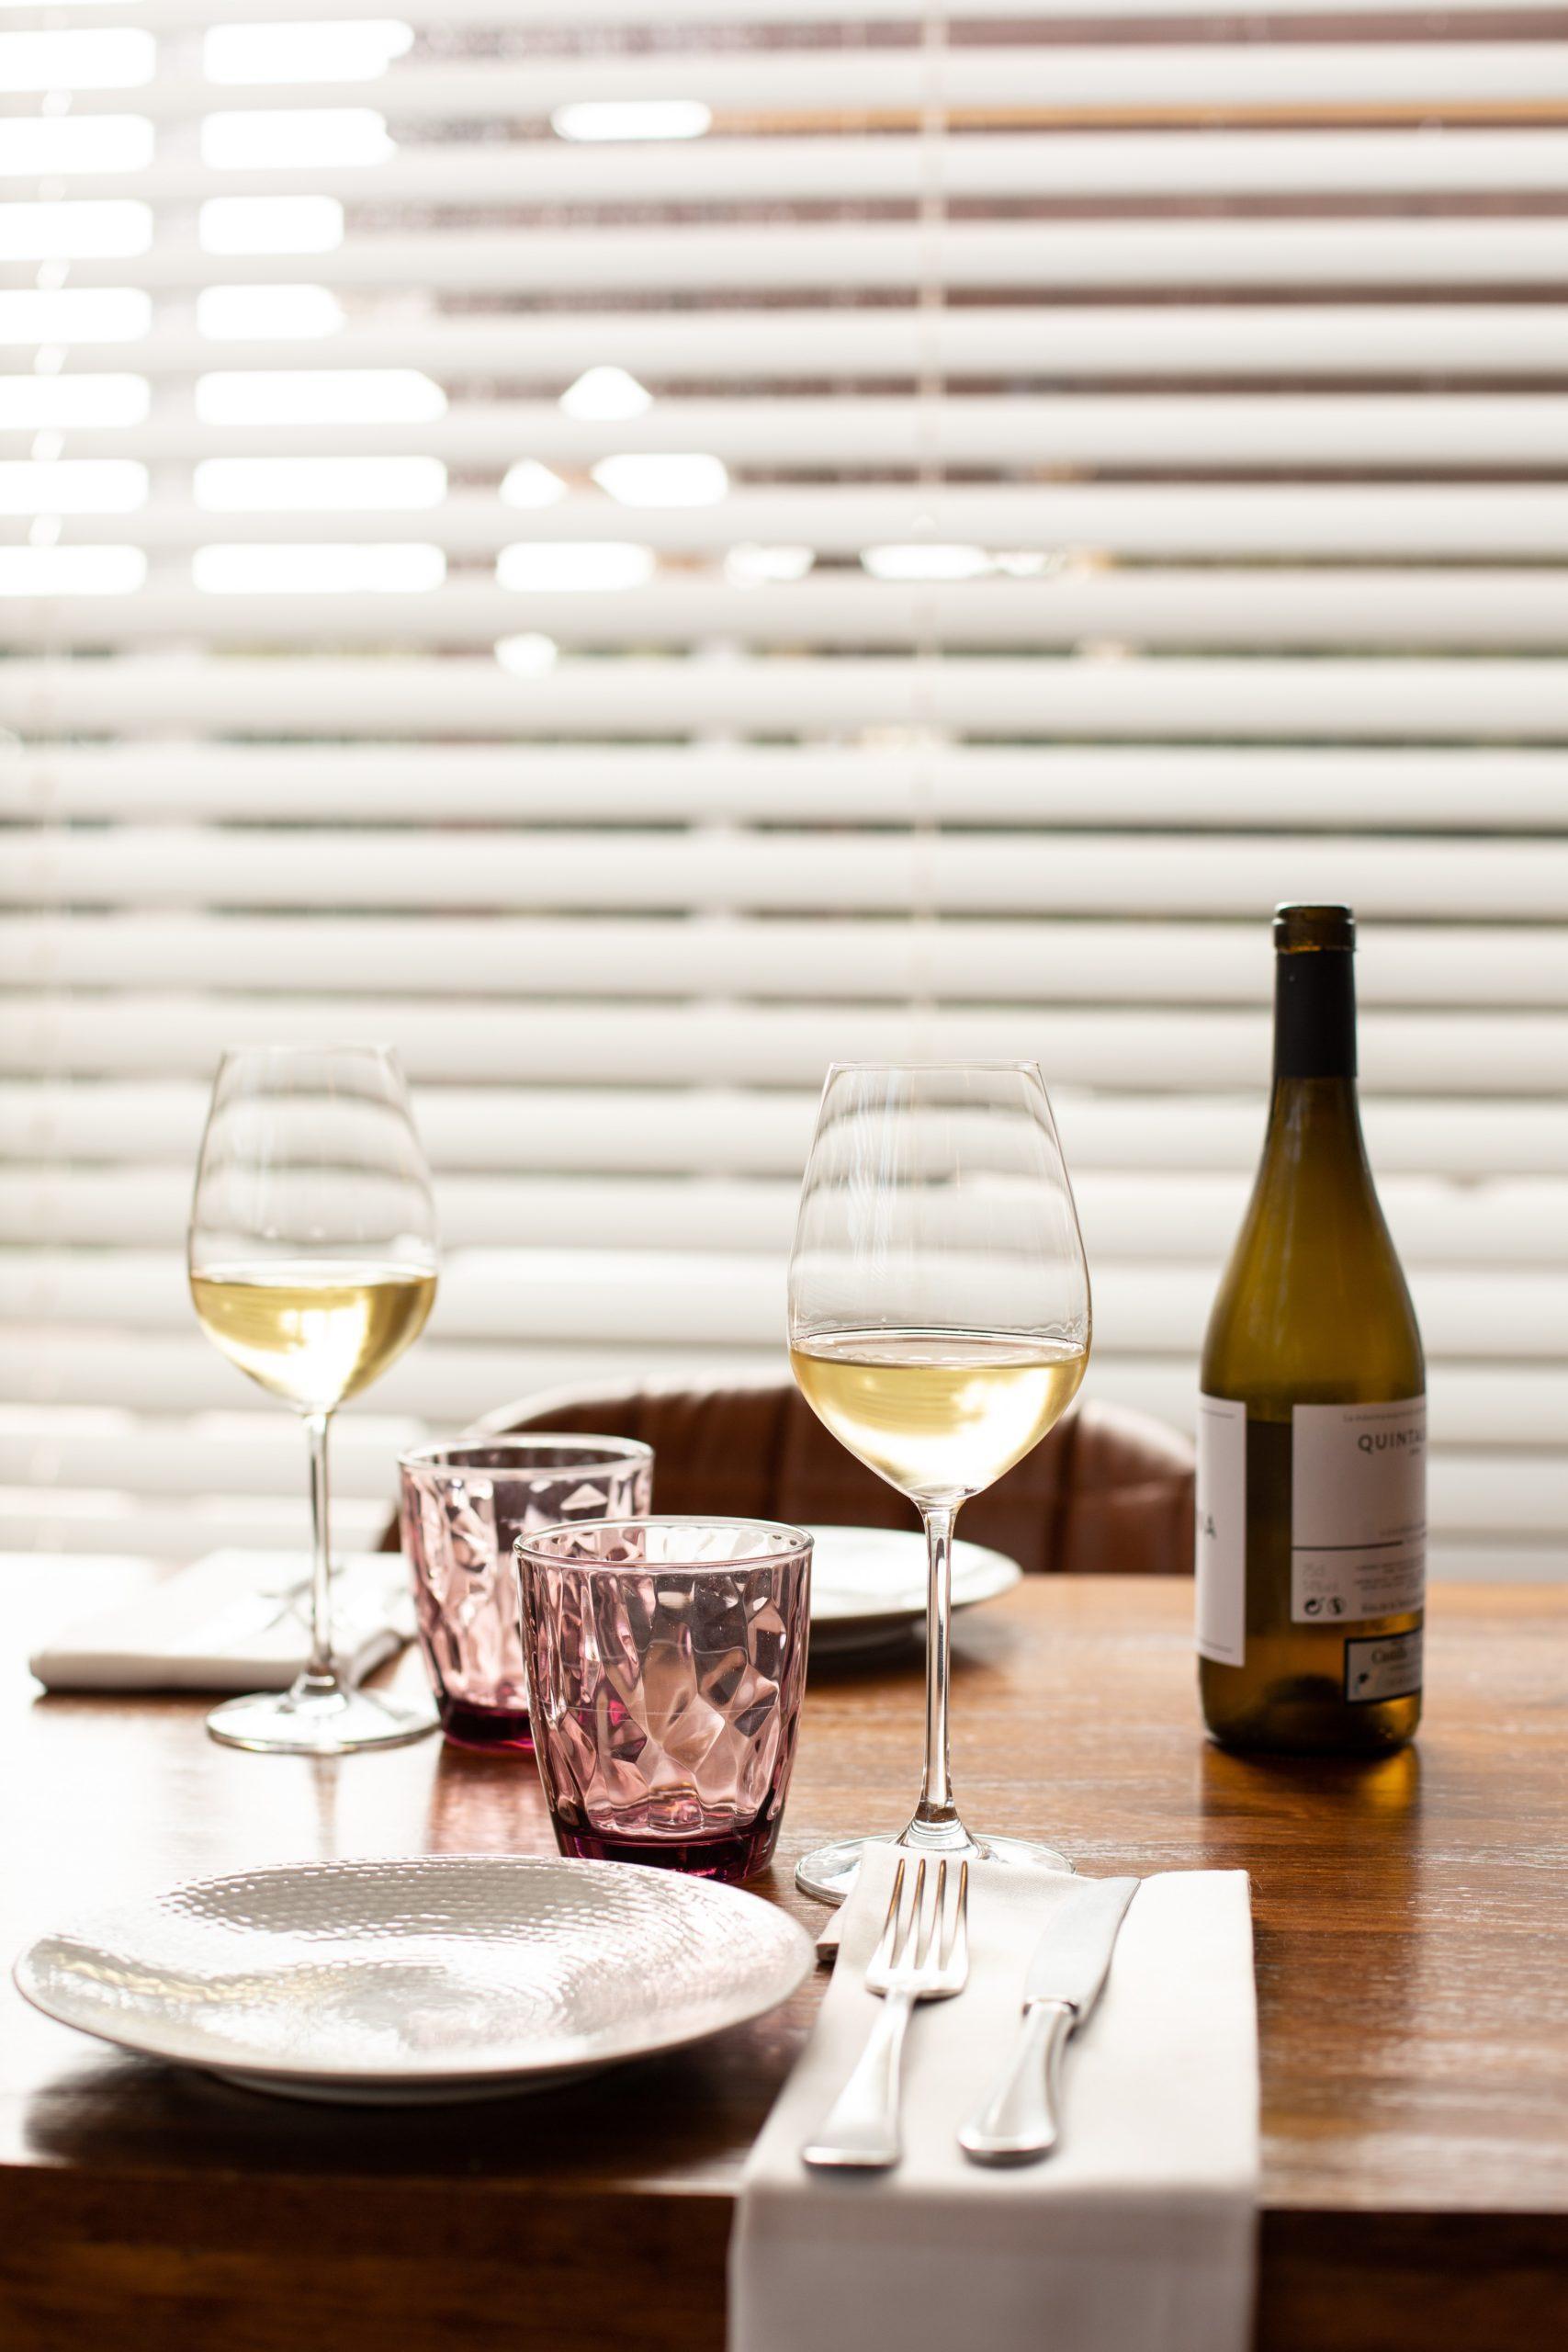 Mesa para cena romántica con dos copas de vino blanco y una botella